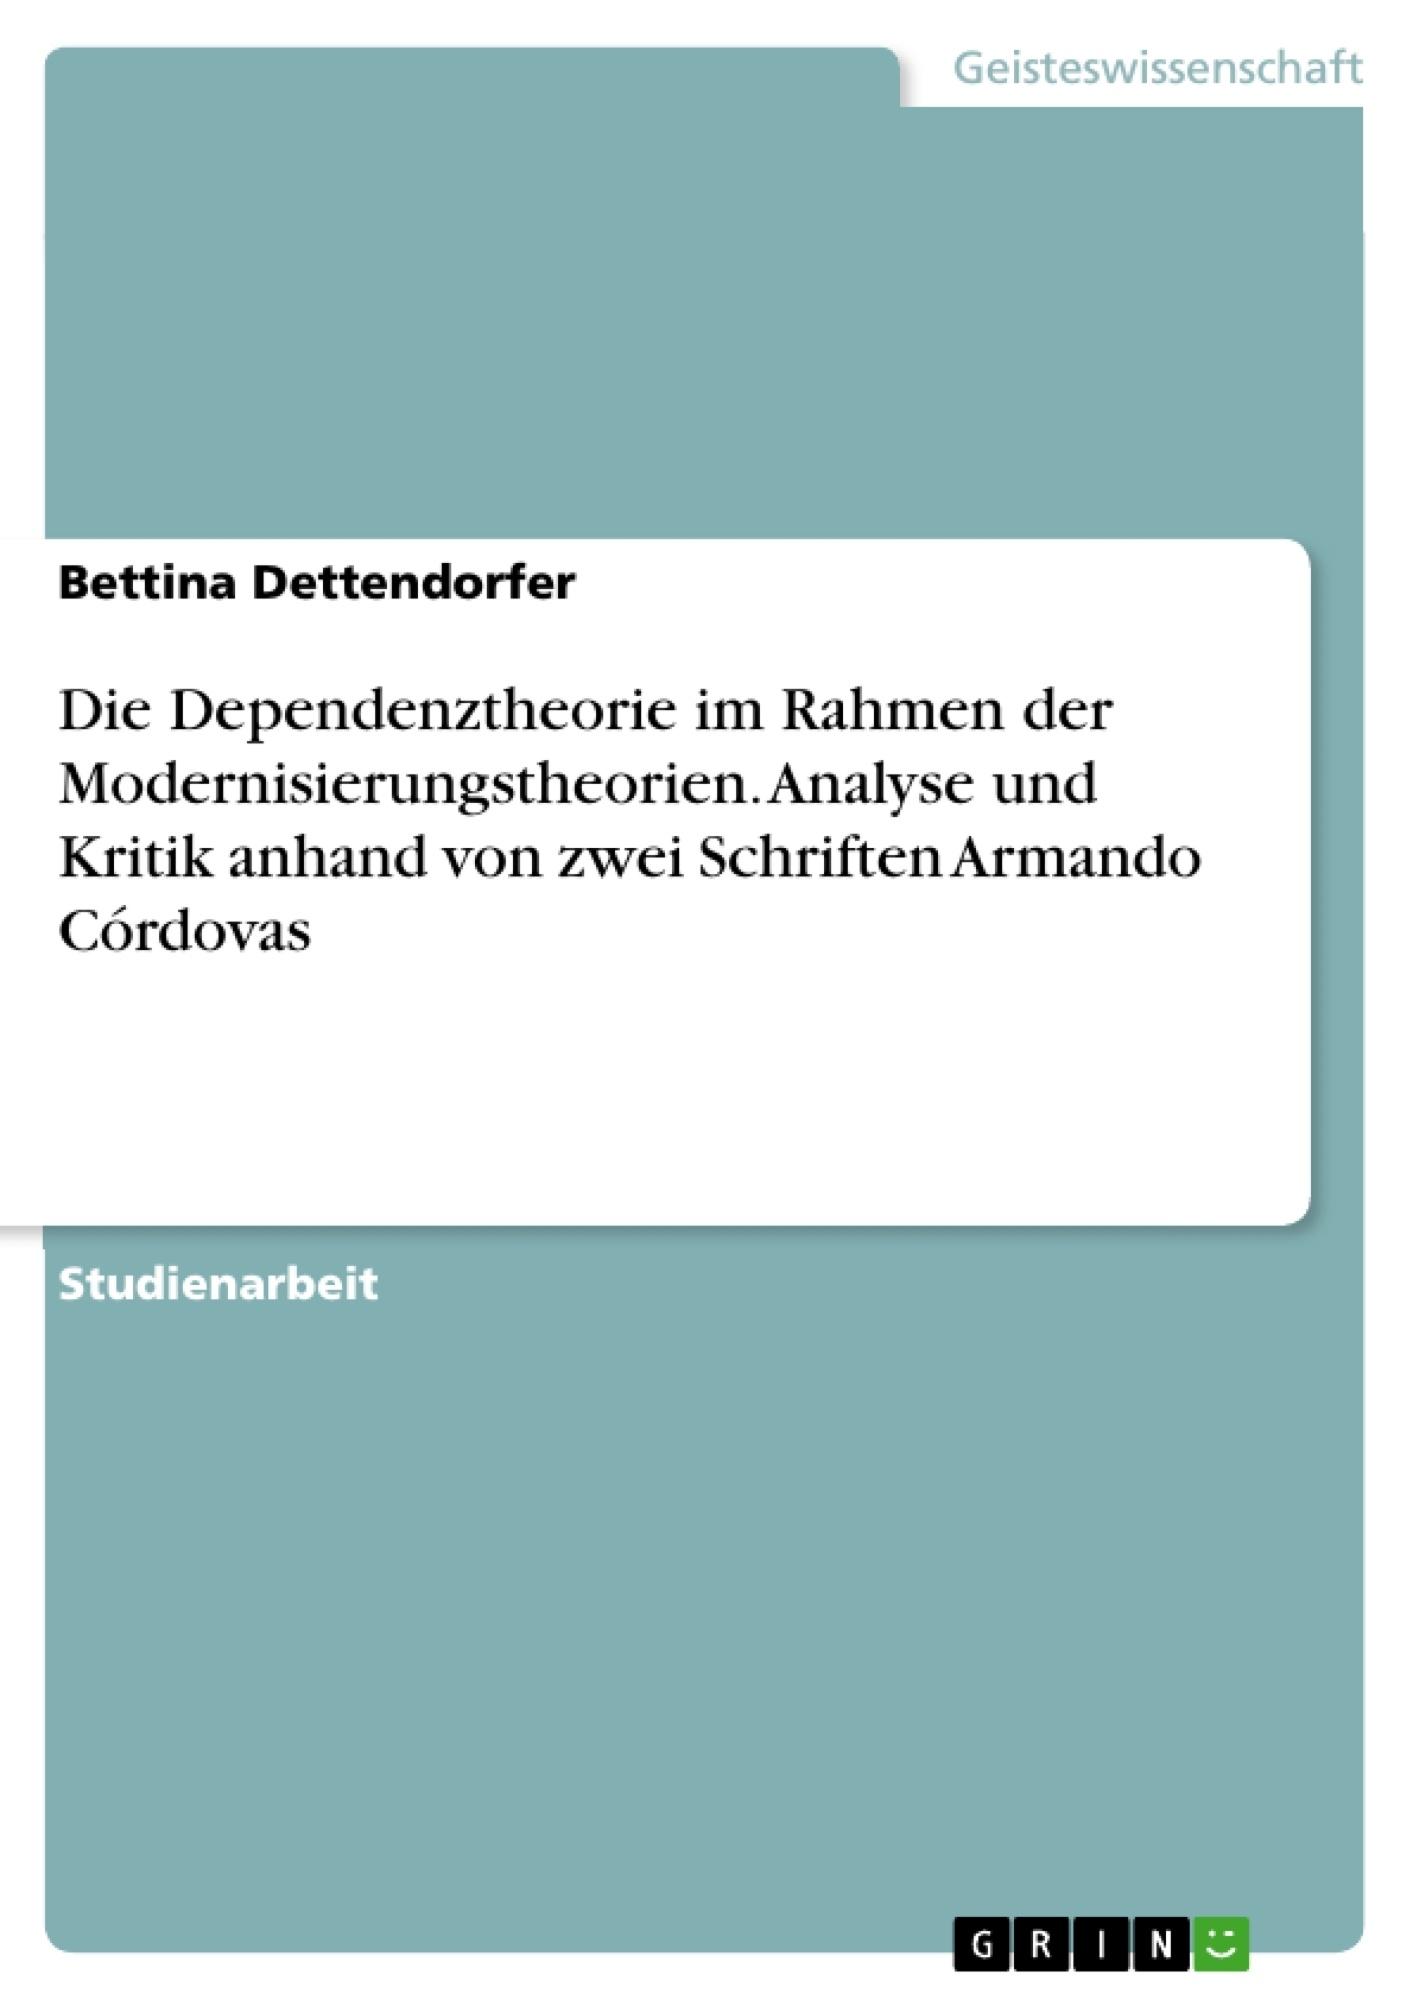 Titel: Die Dependenztheorie im Rahmen der Modernisierungstheorien. Analyse und Kritik anhand von zwei Schriften Armando Córdovas